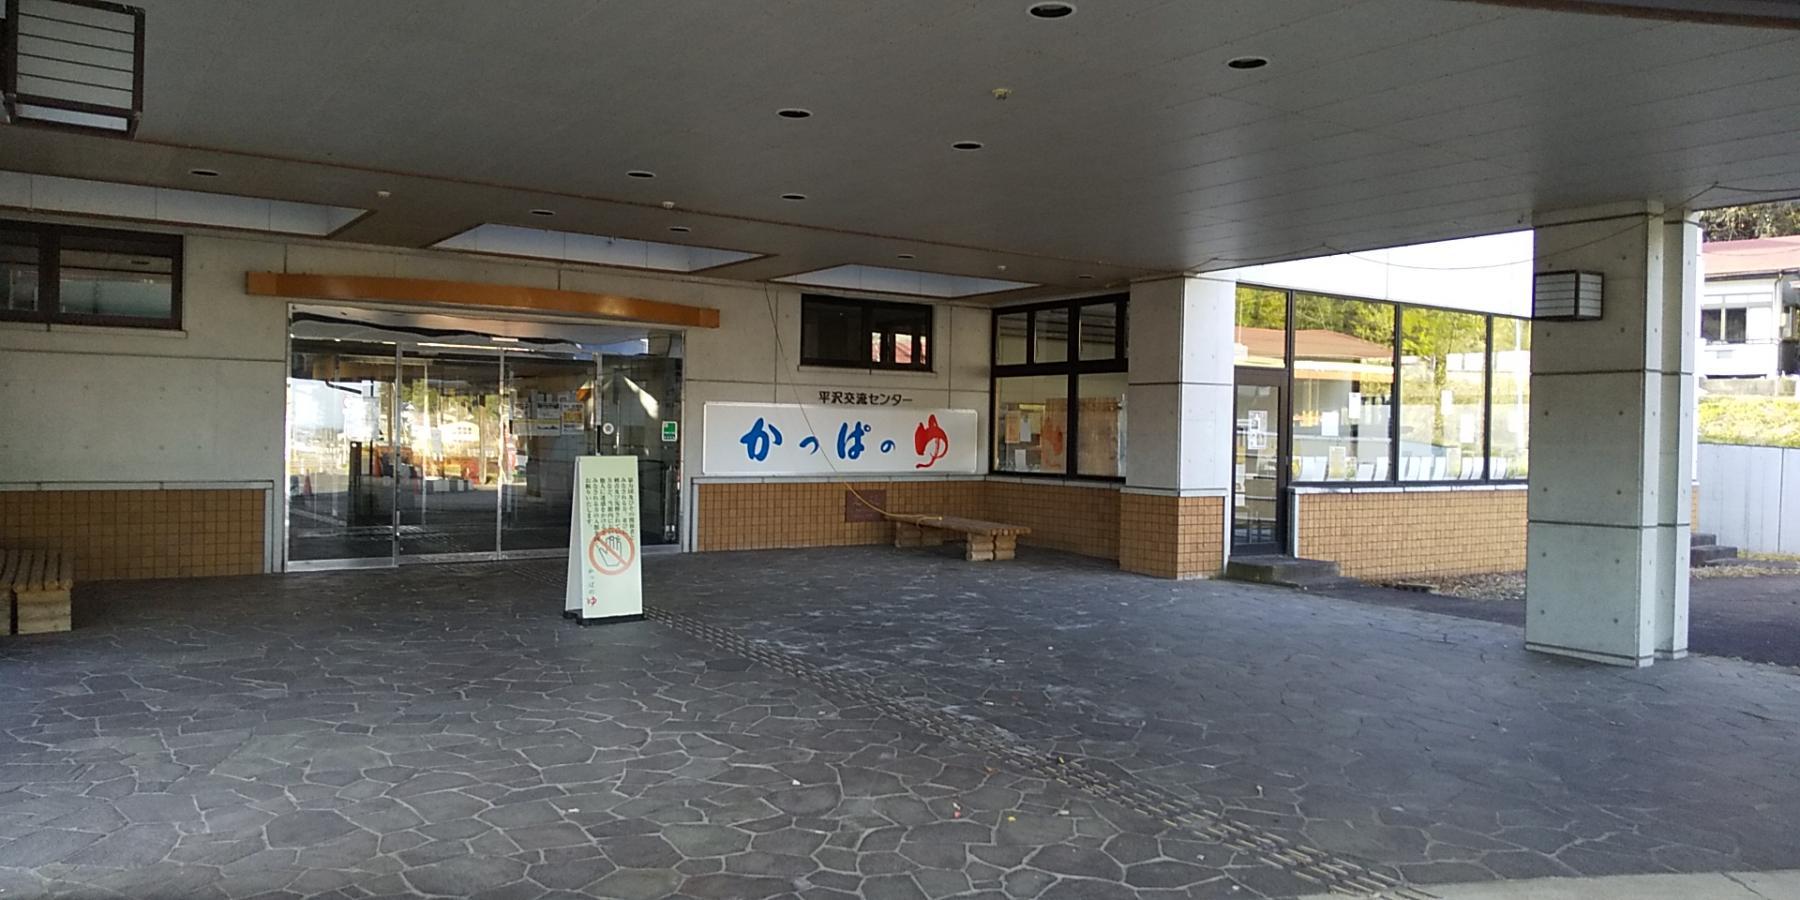 色麻町平沢交流センターかっぱの湯